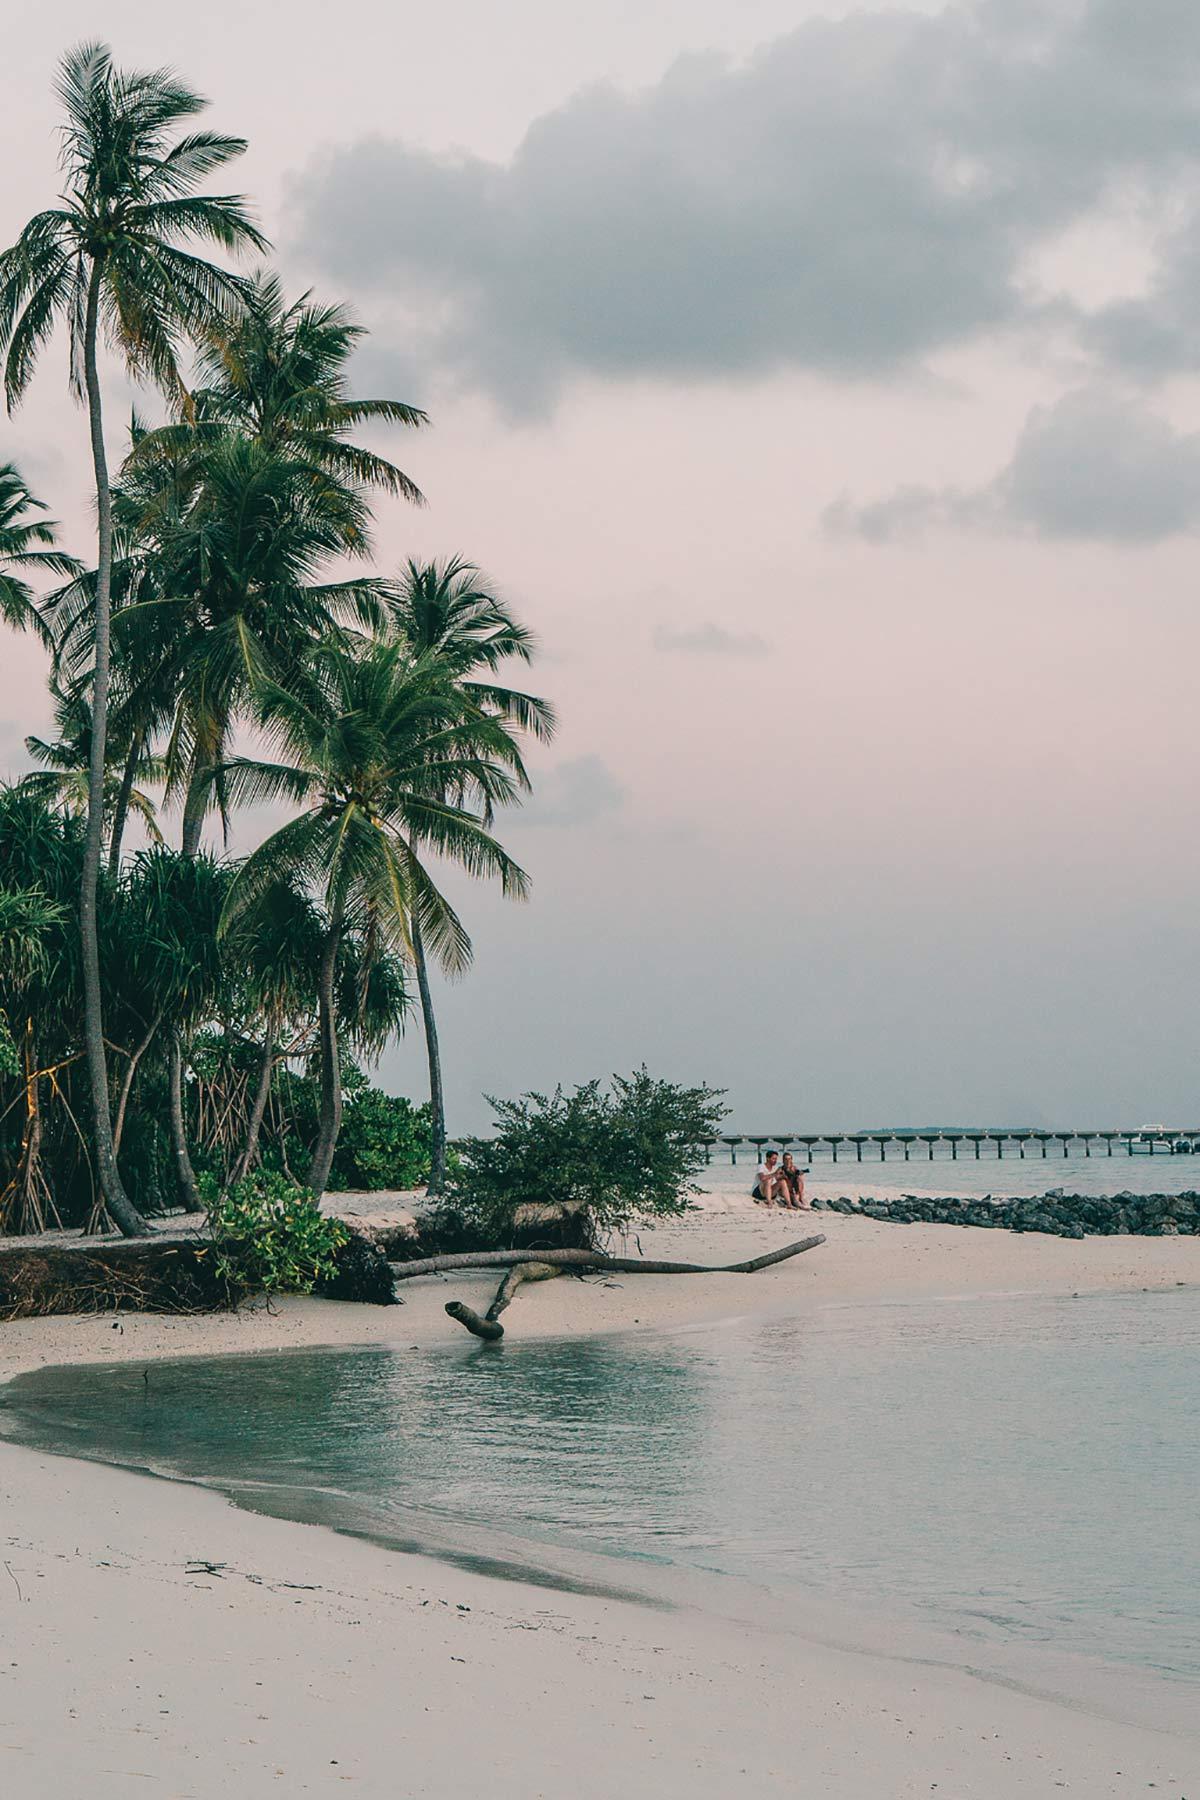 Paar Malediven